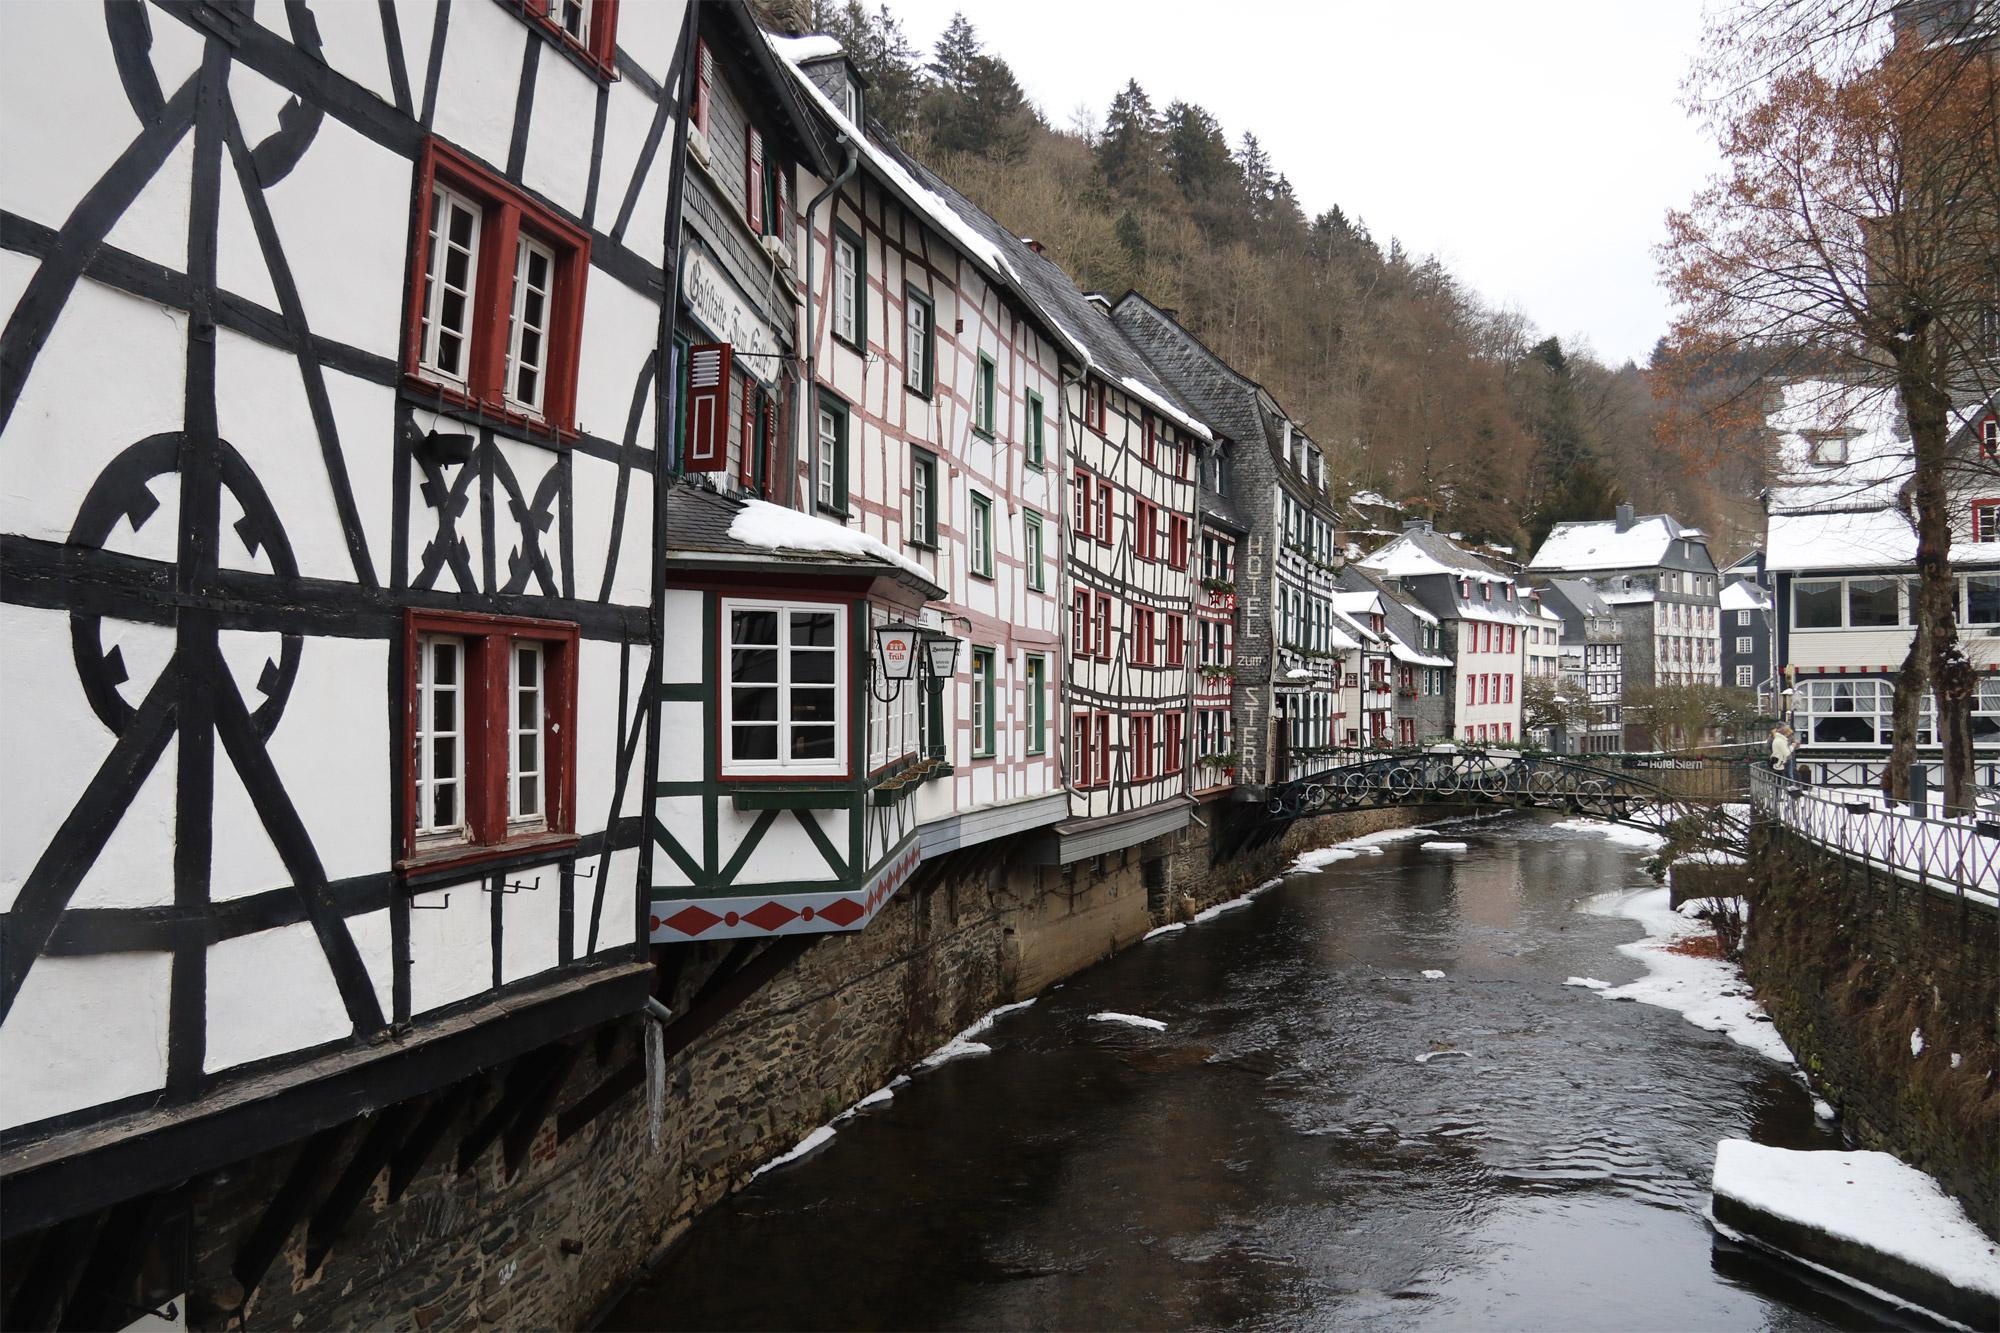 Weekendje in Monschau in 10 beelden - Blik vanaf de markt